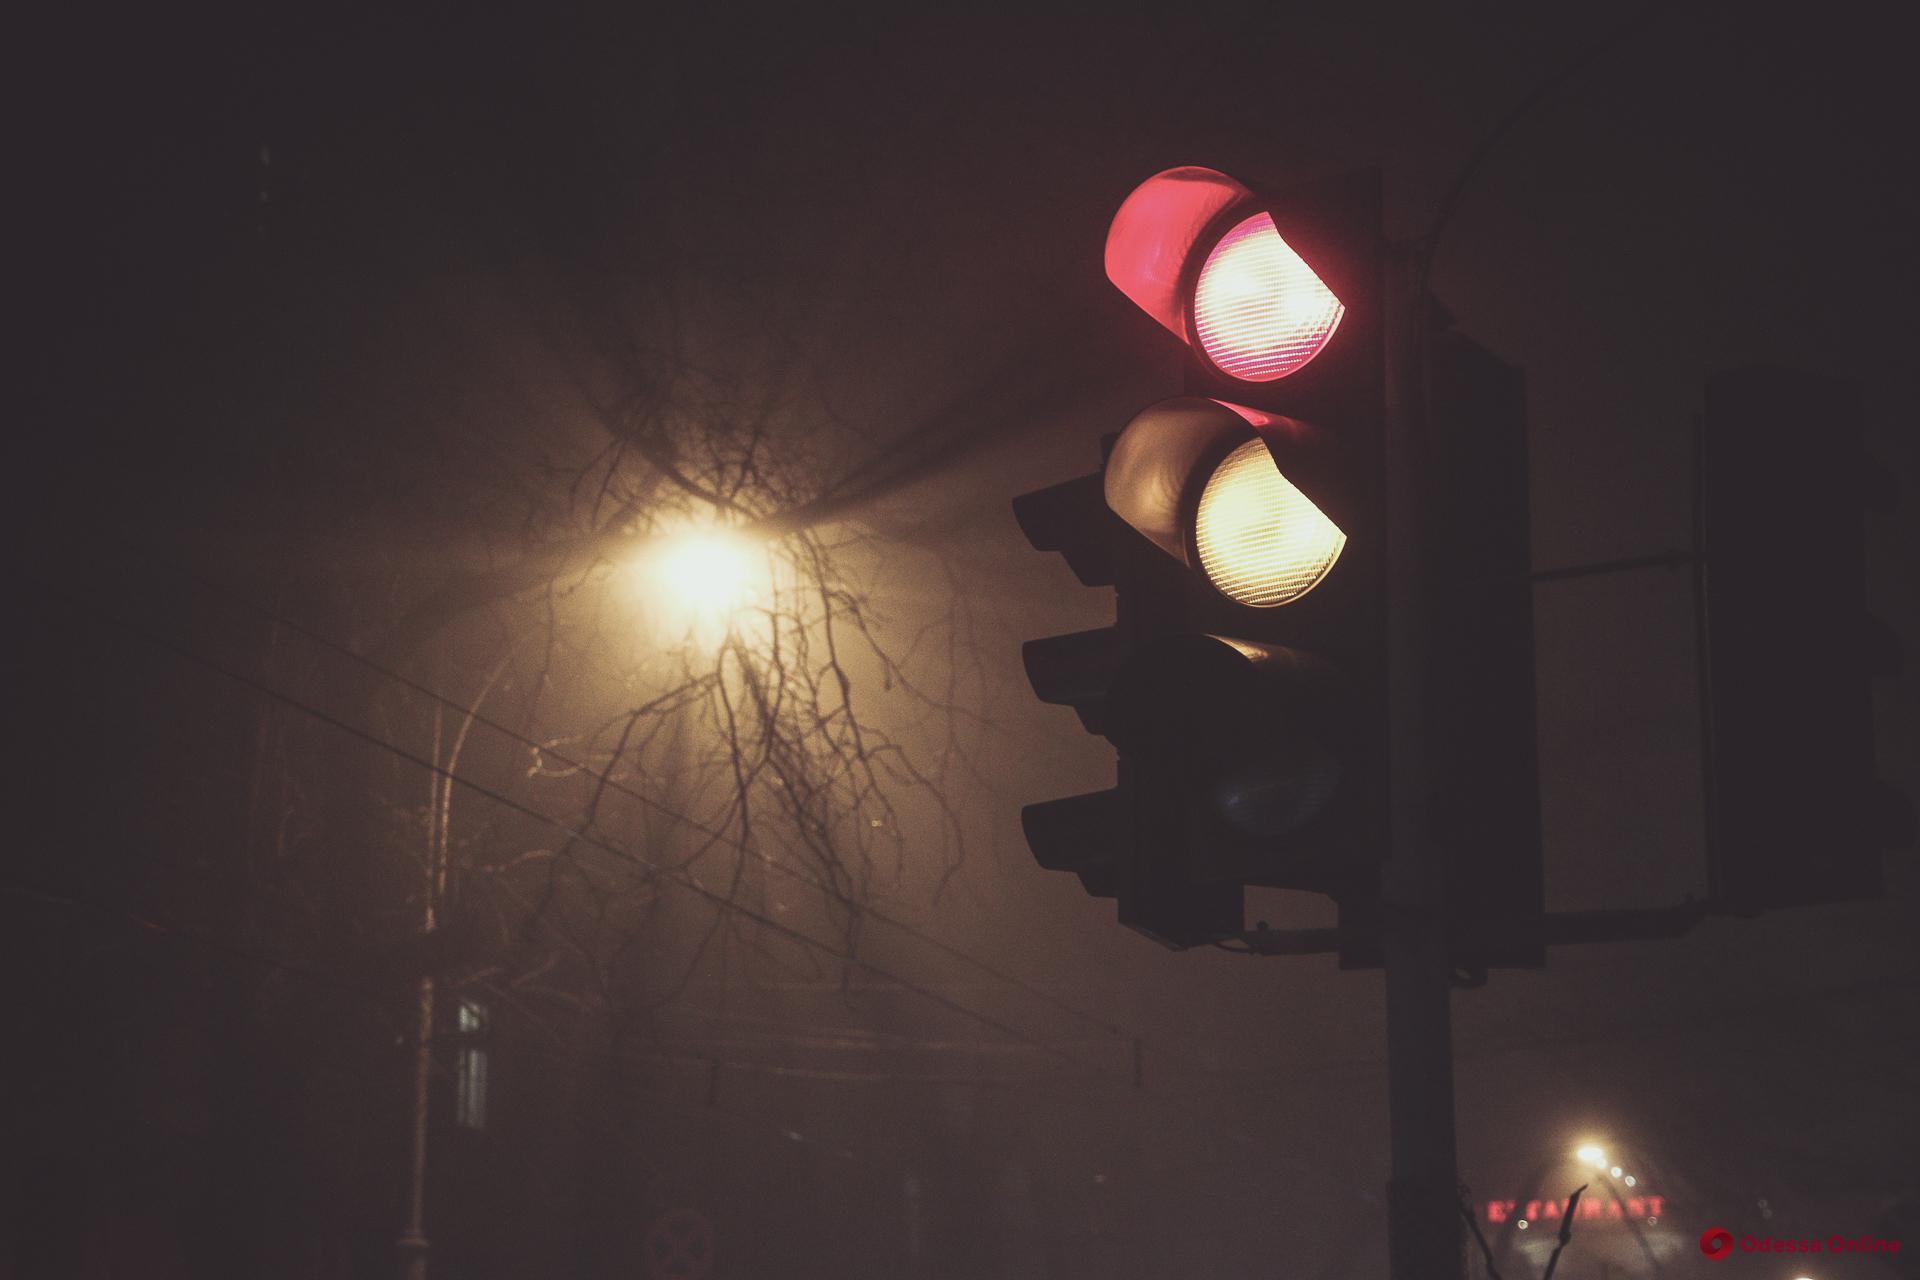 Густой туман: водителей предупреждают об ухудшении погодных условий в Одессе и области